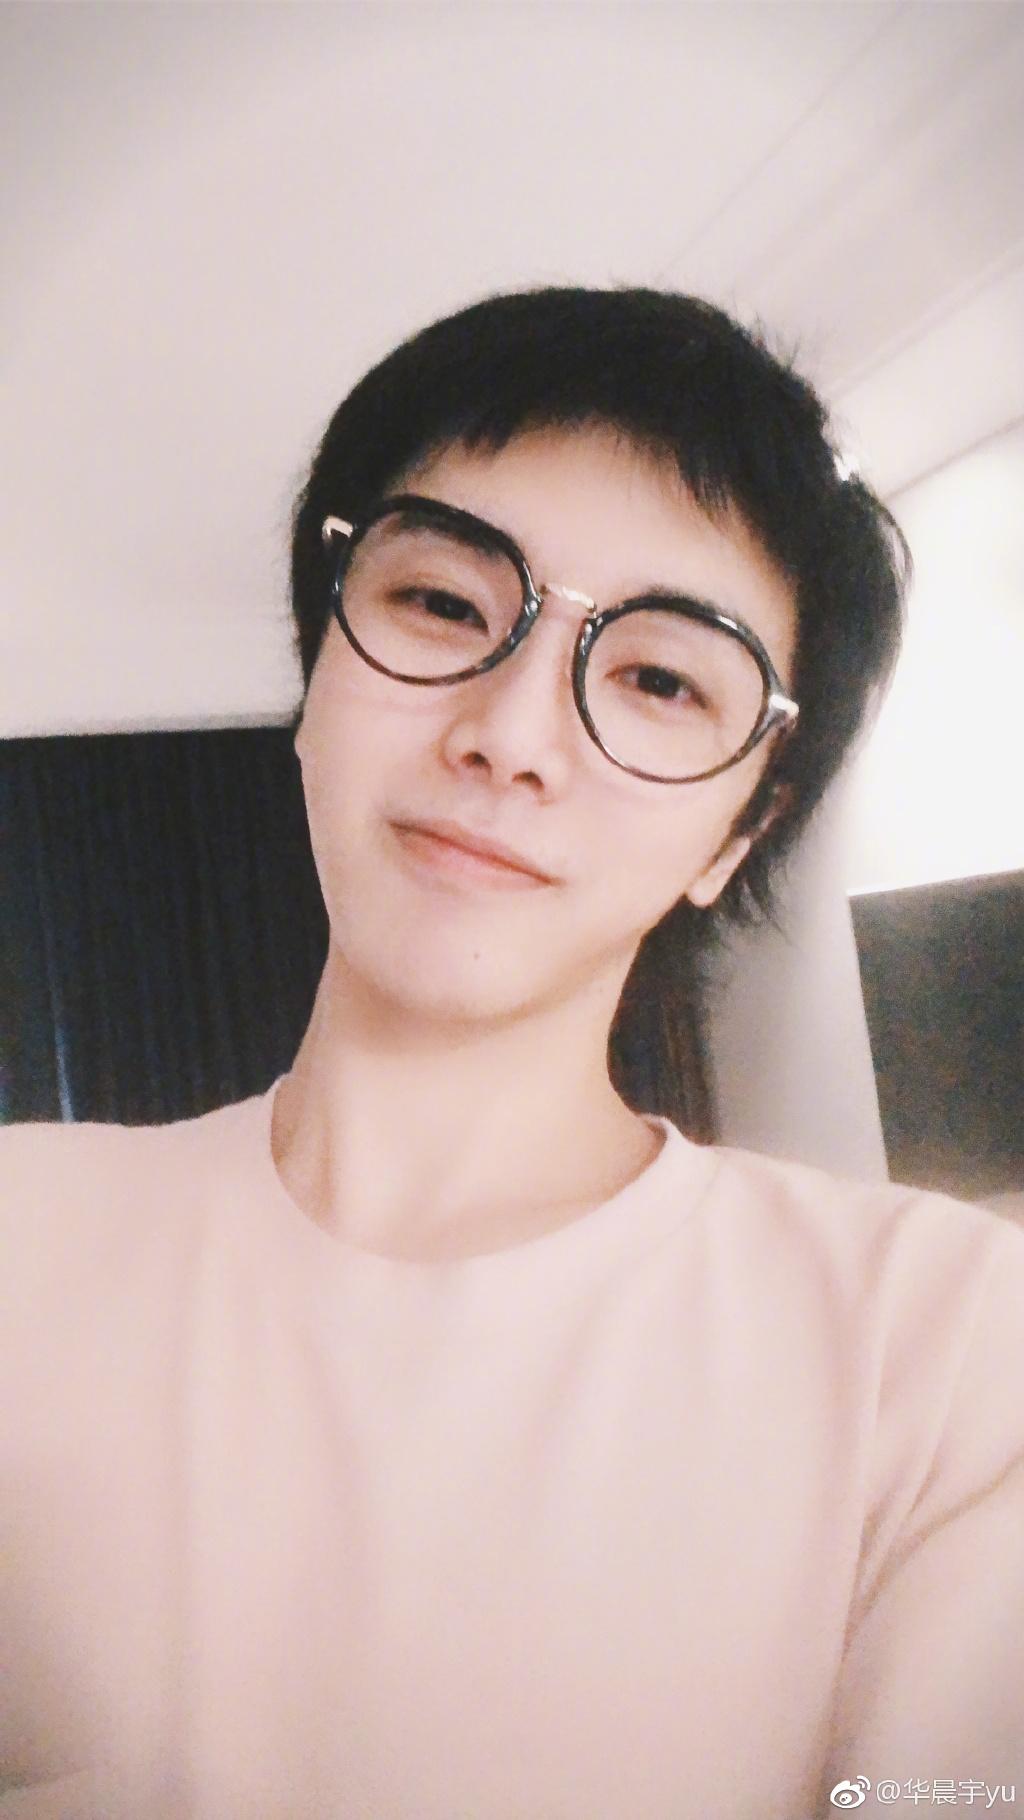 「华晨宇」连续六年「生日服装+拍照pose」皆相同!背后「暖心原因曝光」...惹哭粉丝! - 收藏派